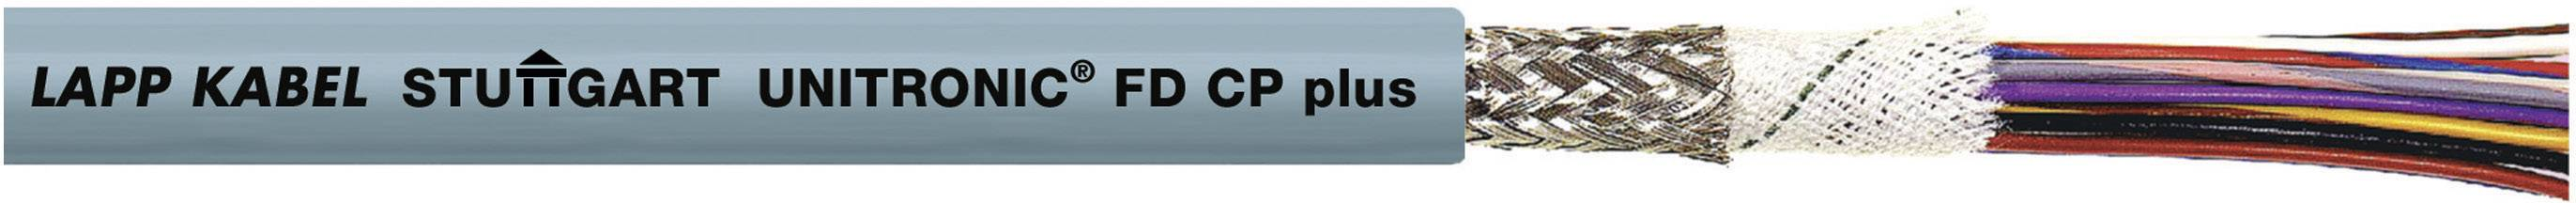 Datový kabel LappKabel UNITRONIC FD CP PLUS 4X0,14 (0028882), 4x 0,14 mm², Ø 4,8 mm, stíněný, 300 m, šedá